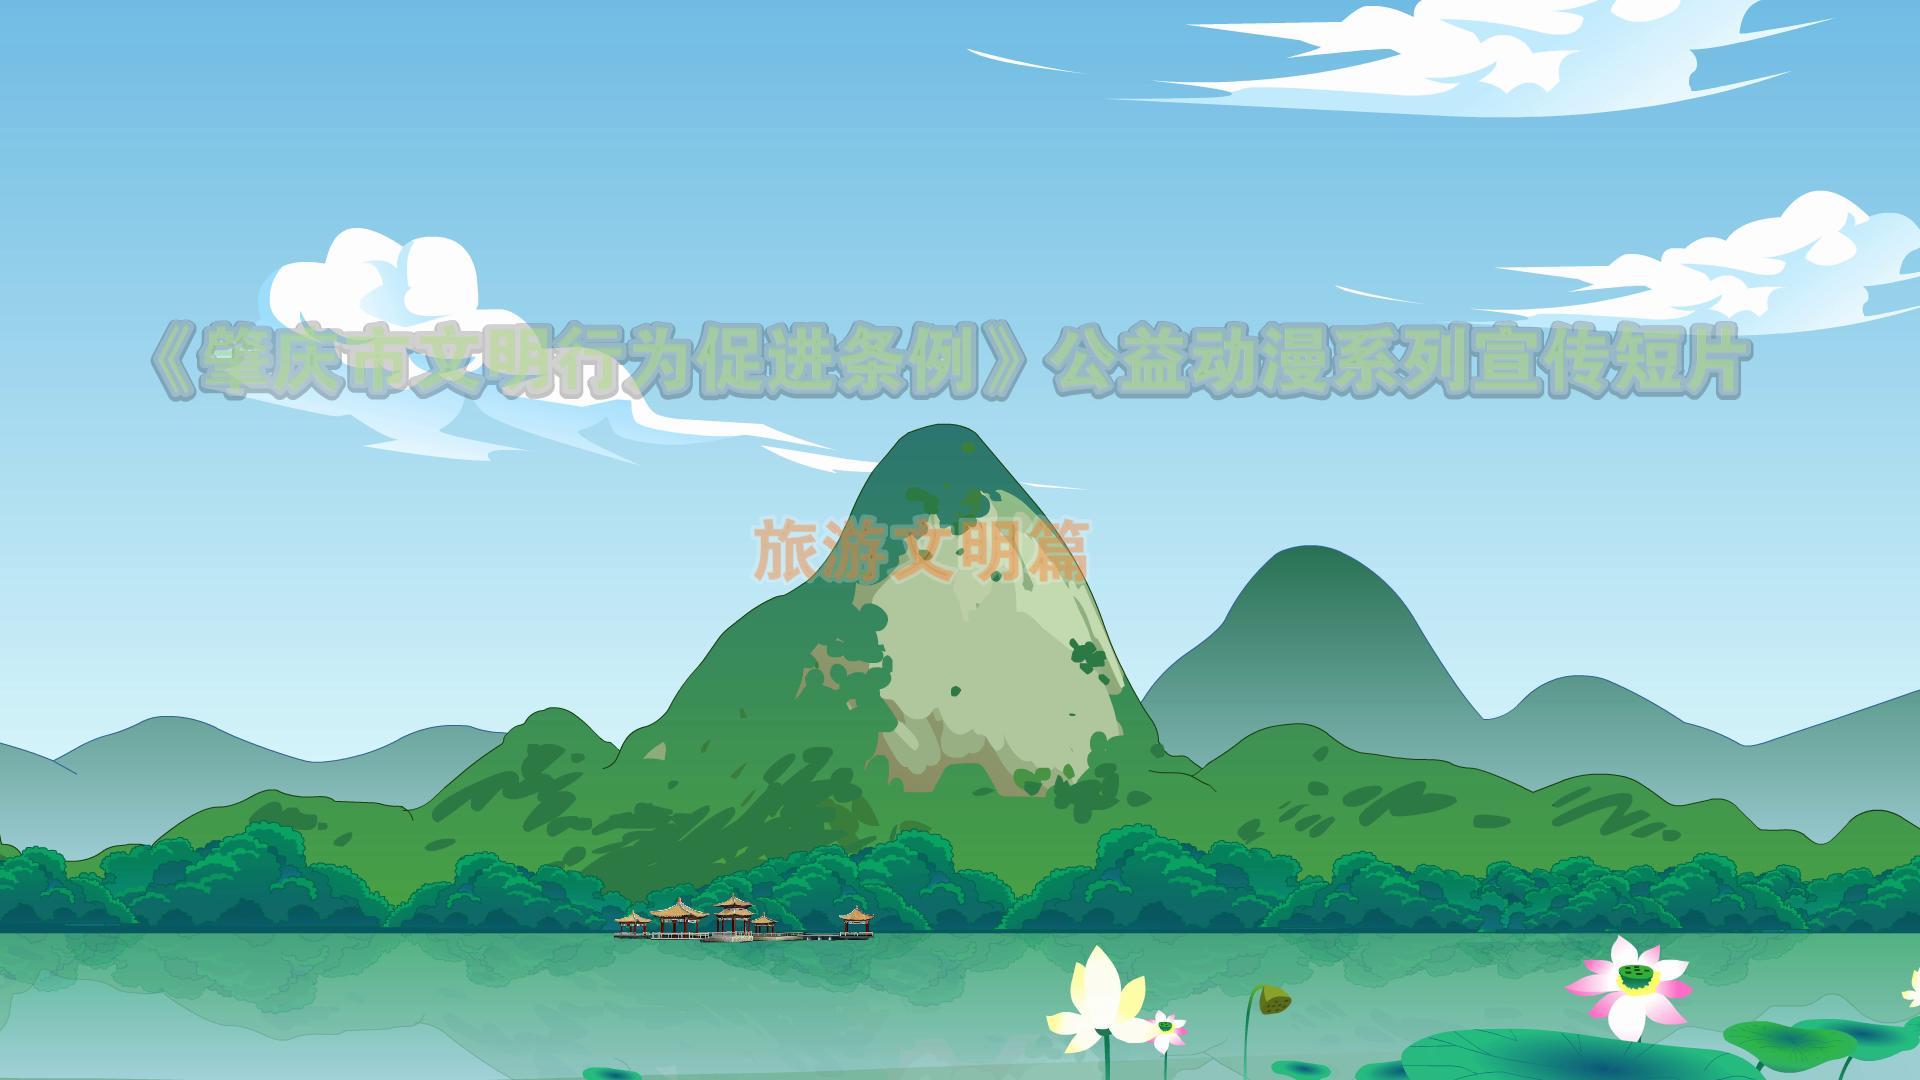 《肇庆市文明行为促进条例》公益动漫系列宣传短片——旅游文明篇